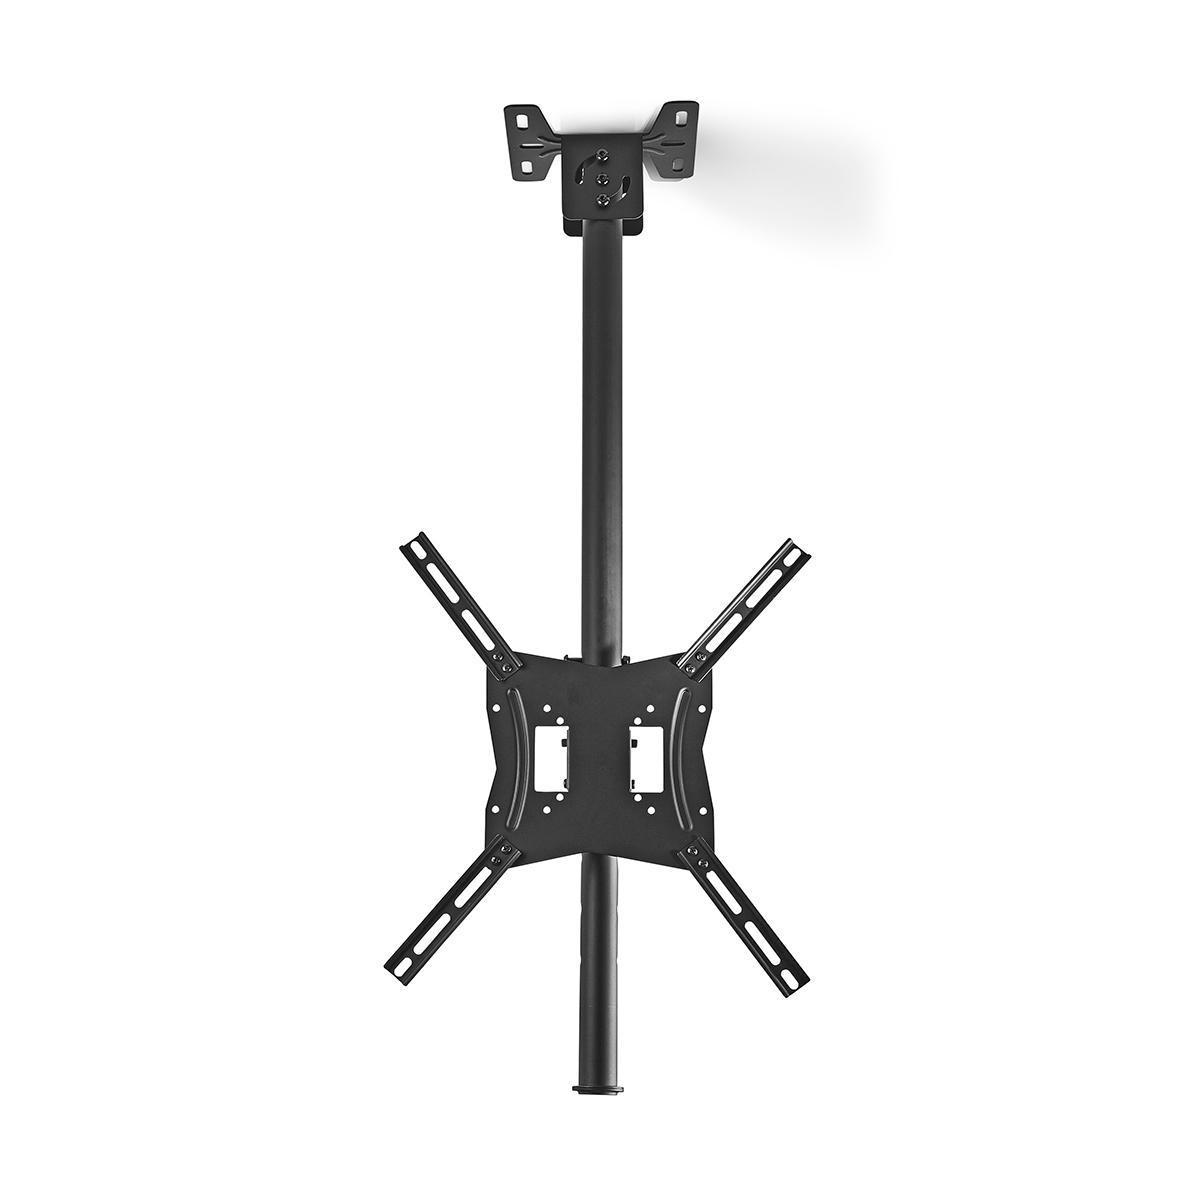 Ce support de plafond TVCM1330BK de Nedis® est la solution la plus polyvalente pour accrocher votre téléviseur. Pourquoi voudriez-vous laisser votre téléviseur prendre plus d'espace que nécessaire? Avec ce support de plafond, vous pouvez facilement accroc